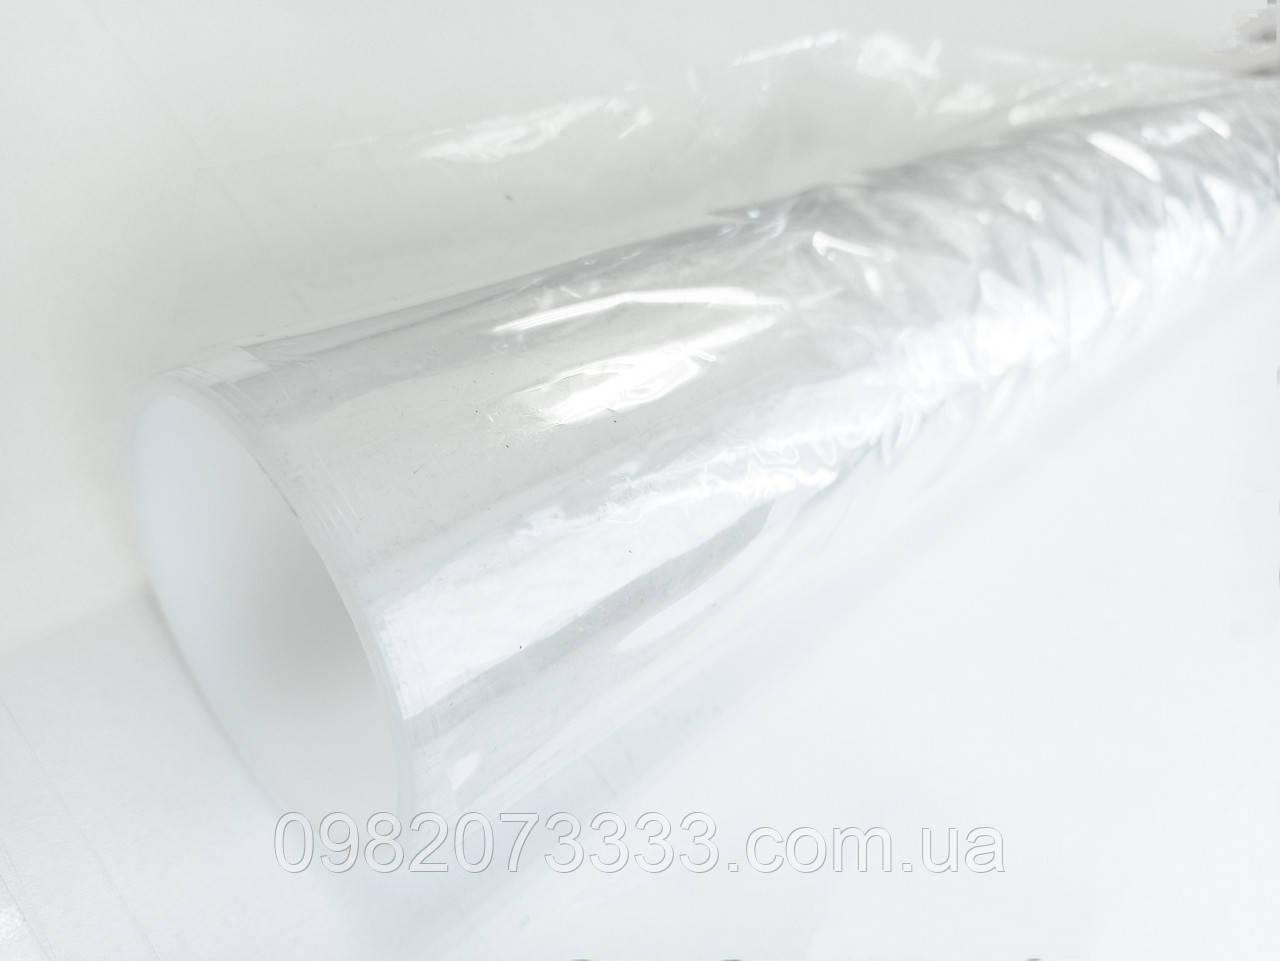 Парникова плівка теплична прозора 50мкм (ширина 1,5 м, довжина 15 і 20м, можна відріз)